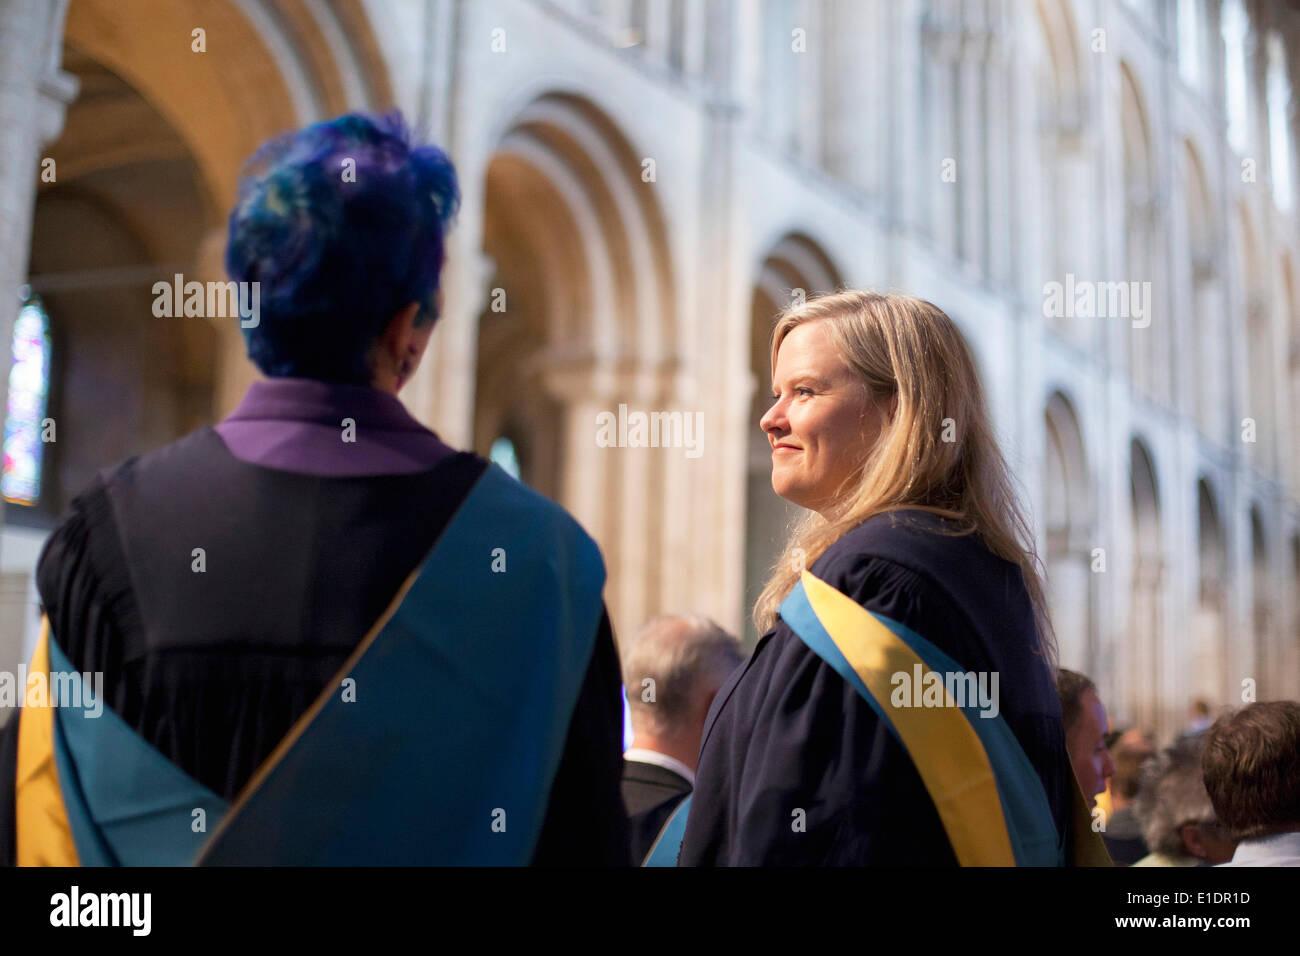 Ely, Cambridgeshire, Großbritannien. 31. Mai 2014. Open Universitätsabsolventen besuchen Grad Zeremonie an Ely Kathedrale in Cambridgeshire. Bildnachweis: Adrian Buck/Alamy Live-Nachrichten Stockbild